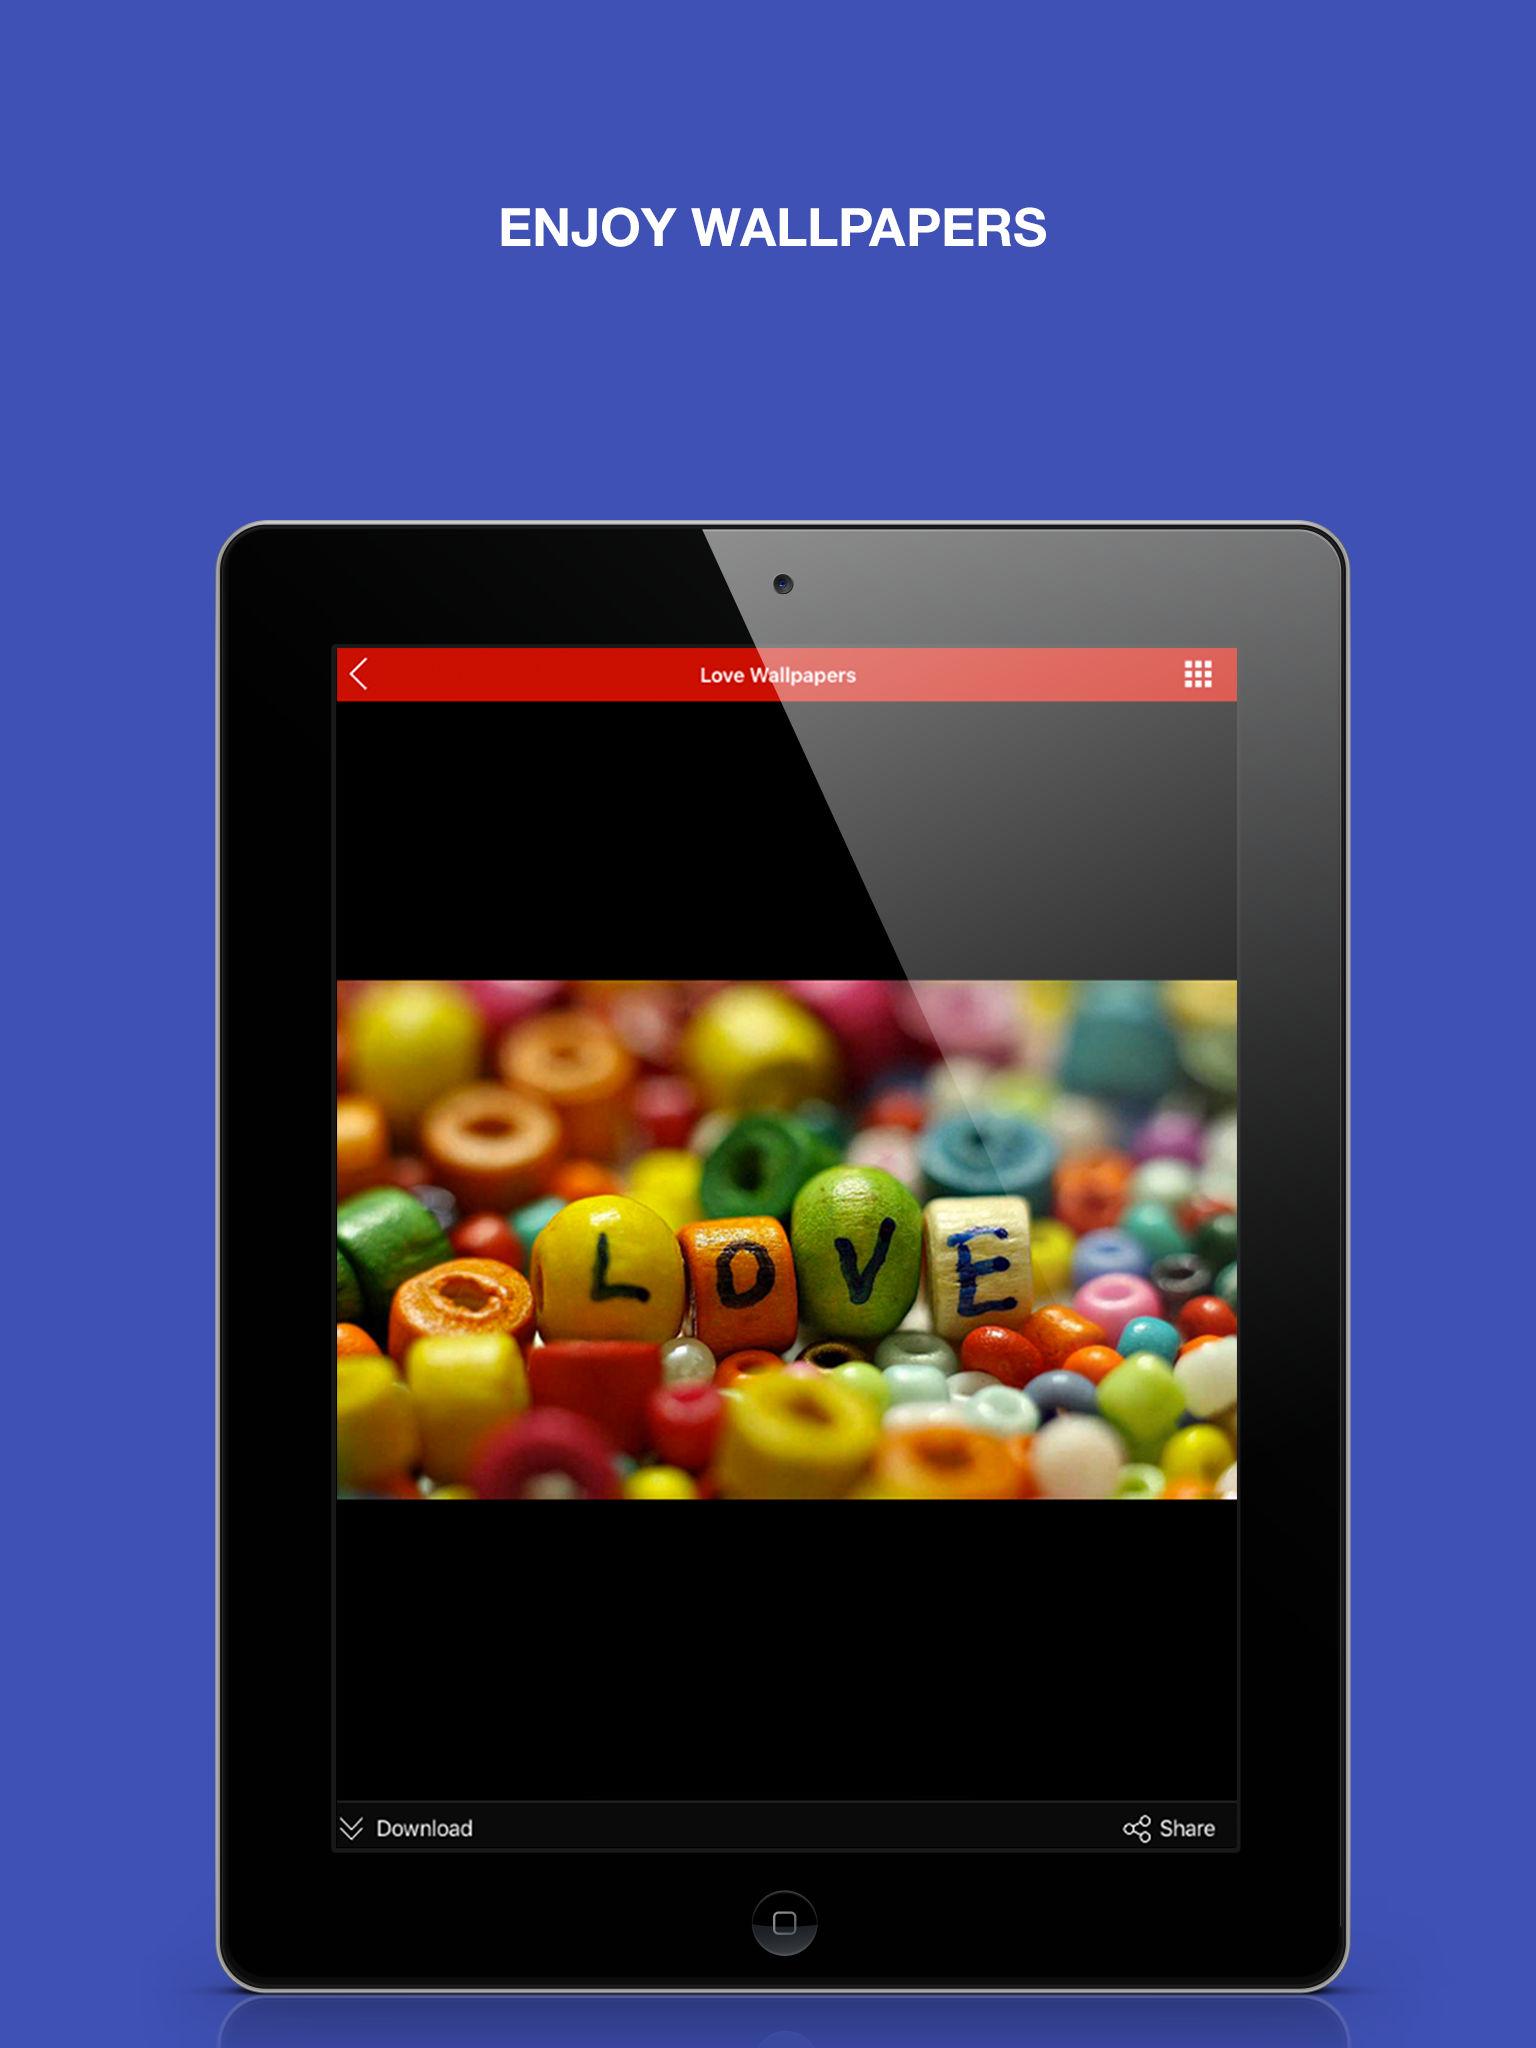 S Letter Wallpaper For Love - HD Wallpaper